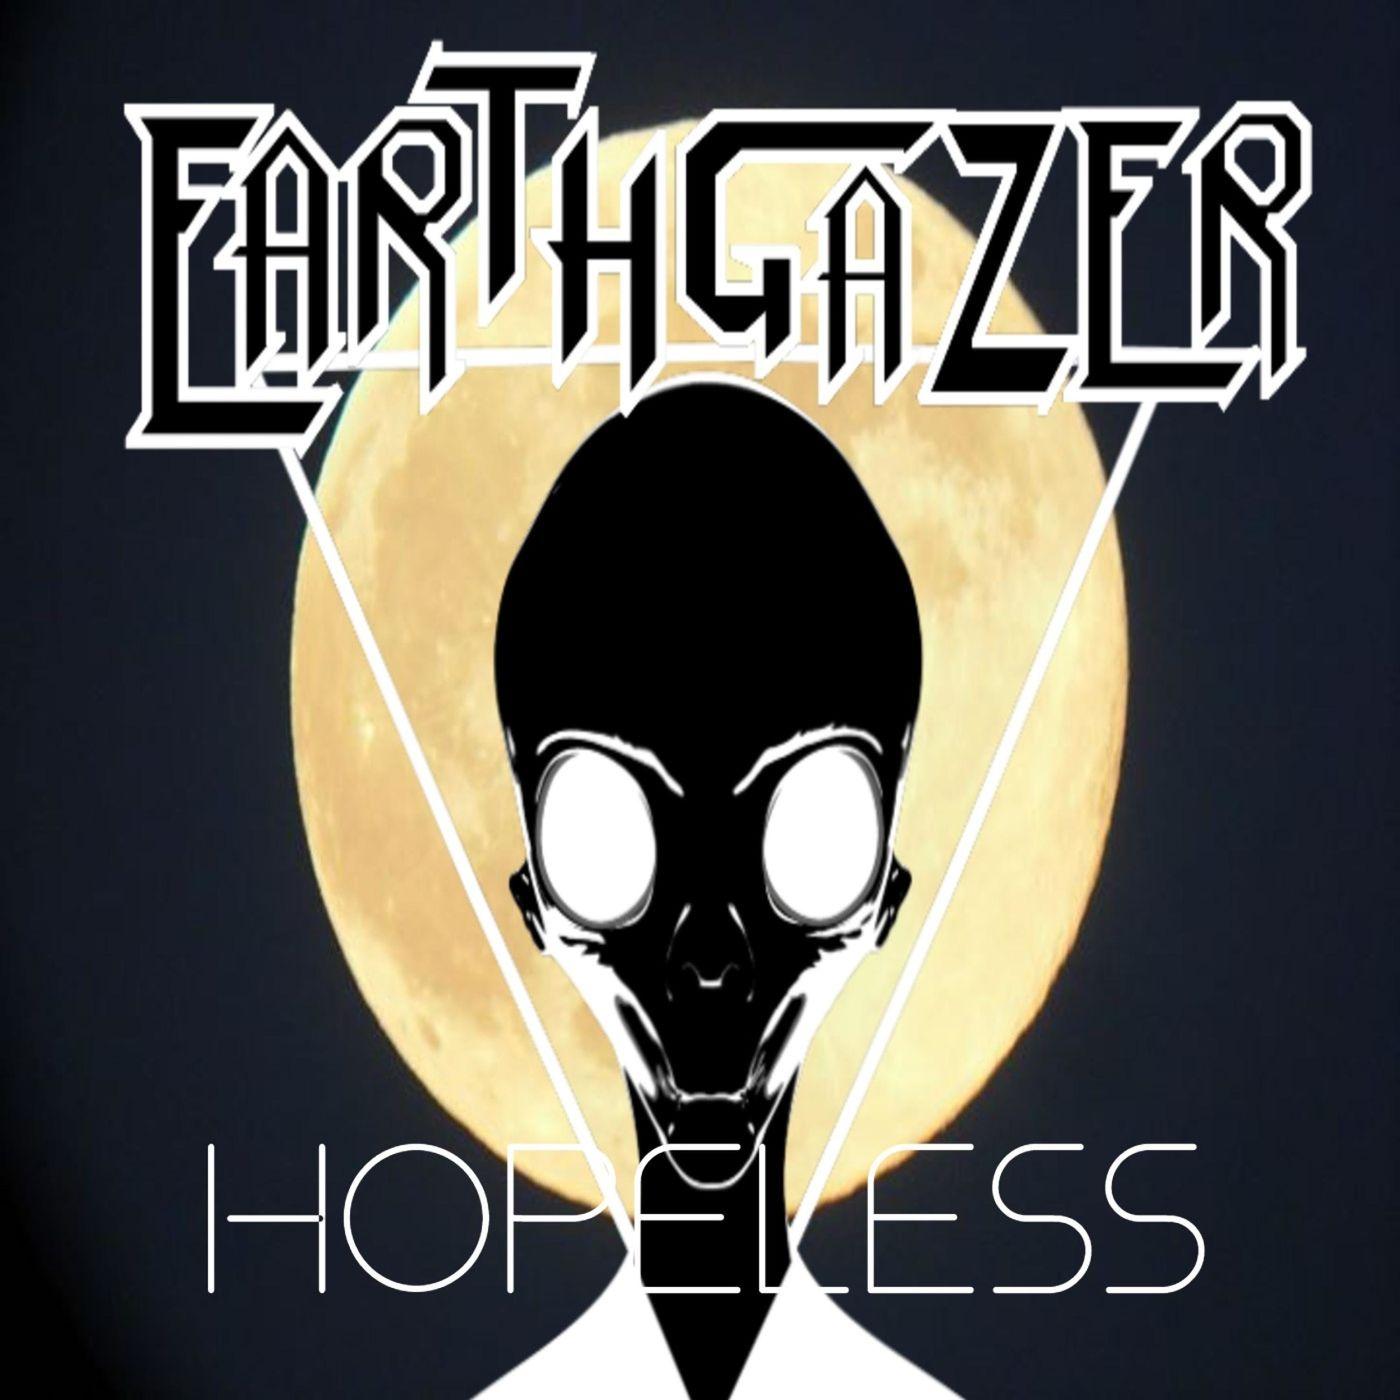 Earthgazer - Hopeless [single] (2020)